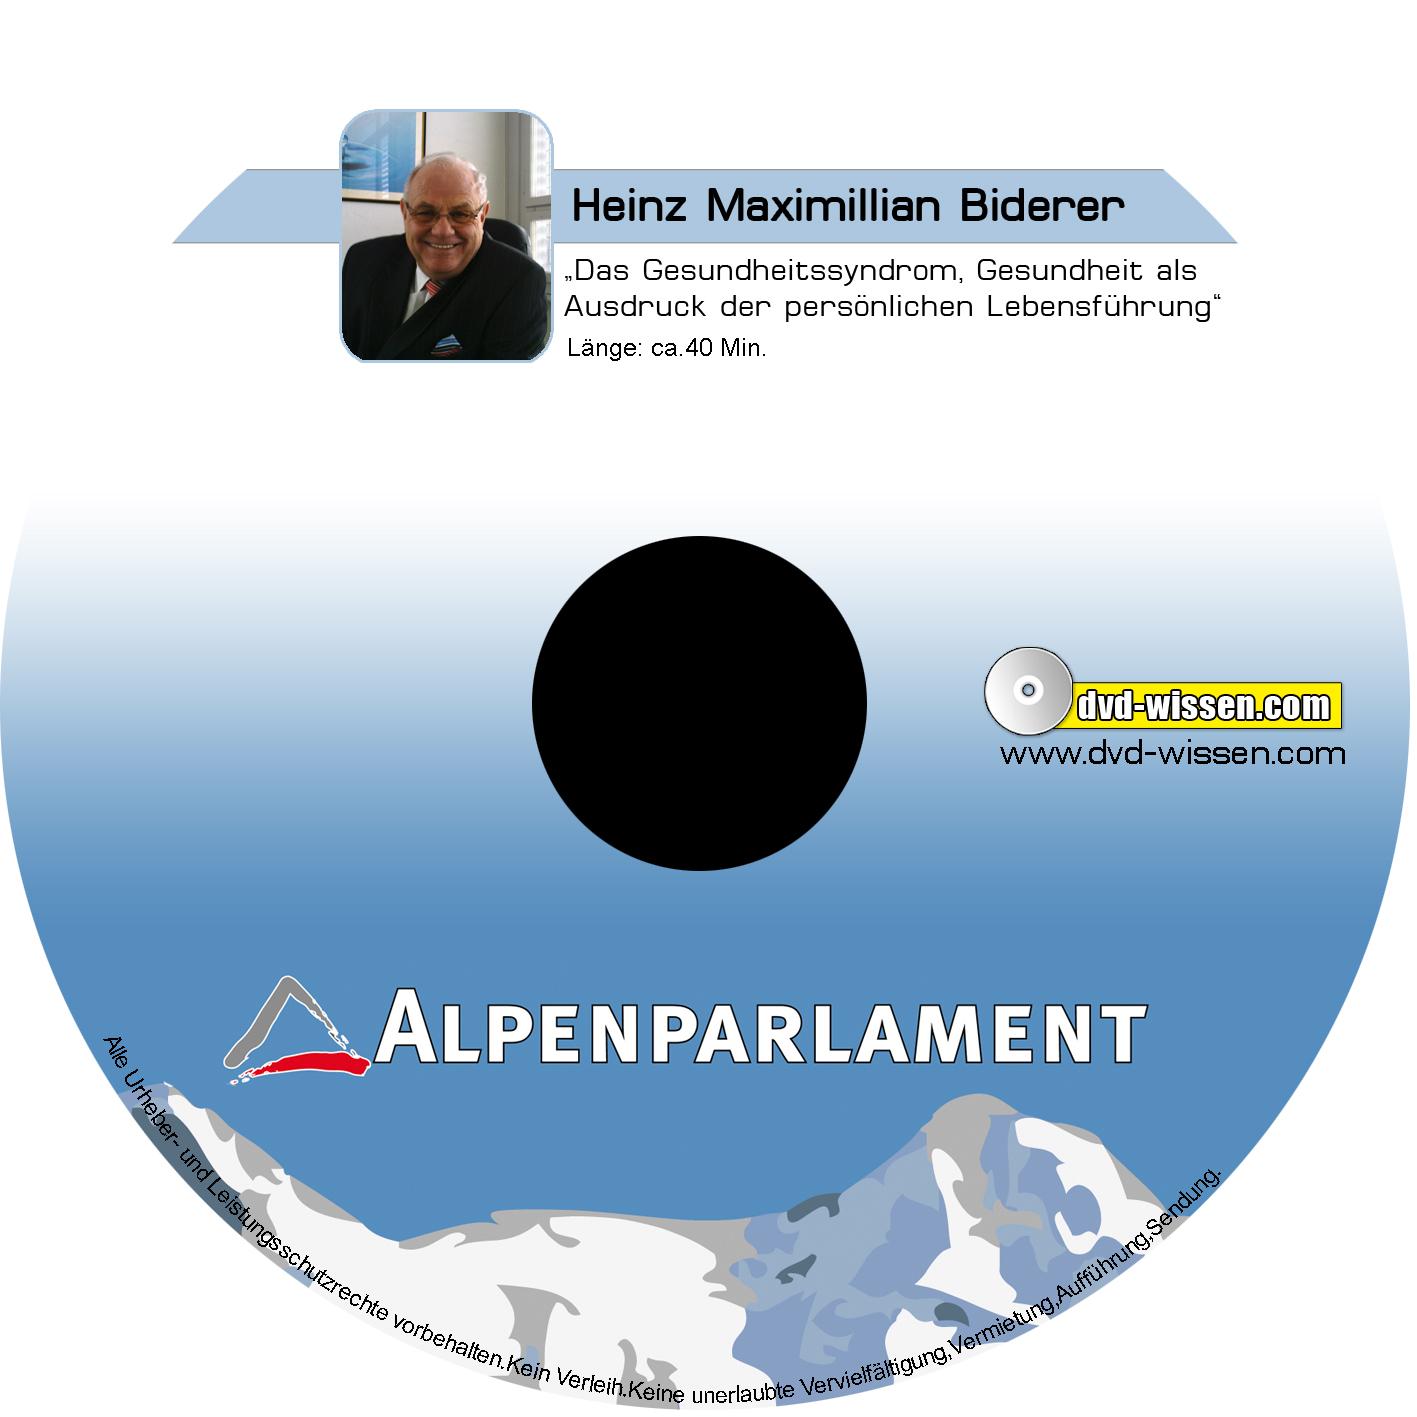 Heinz Maximilian Biderer: Das Gesundheitssyndrom. Gesundheit als Ausdruck der persönlichen Lebensführung